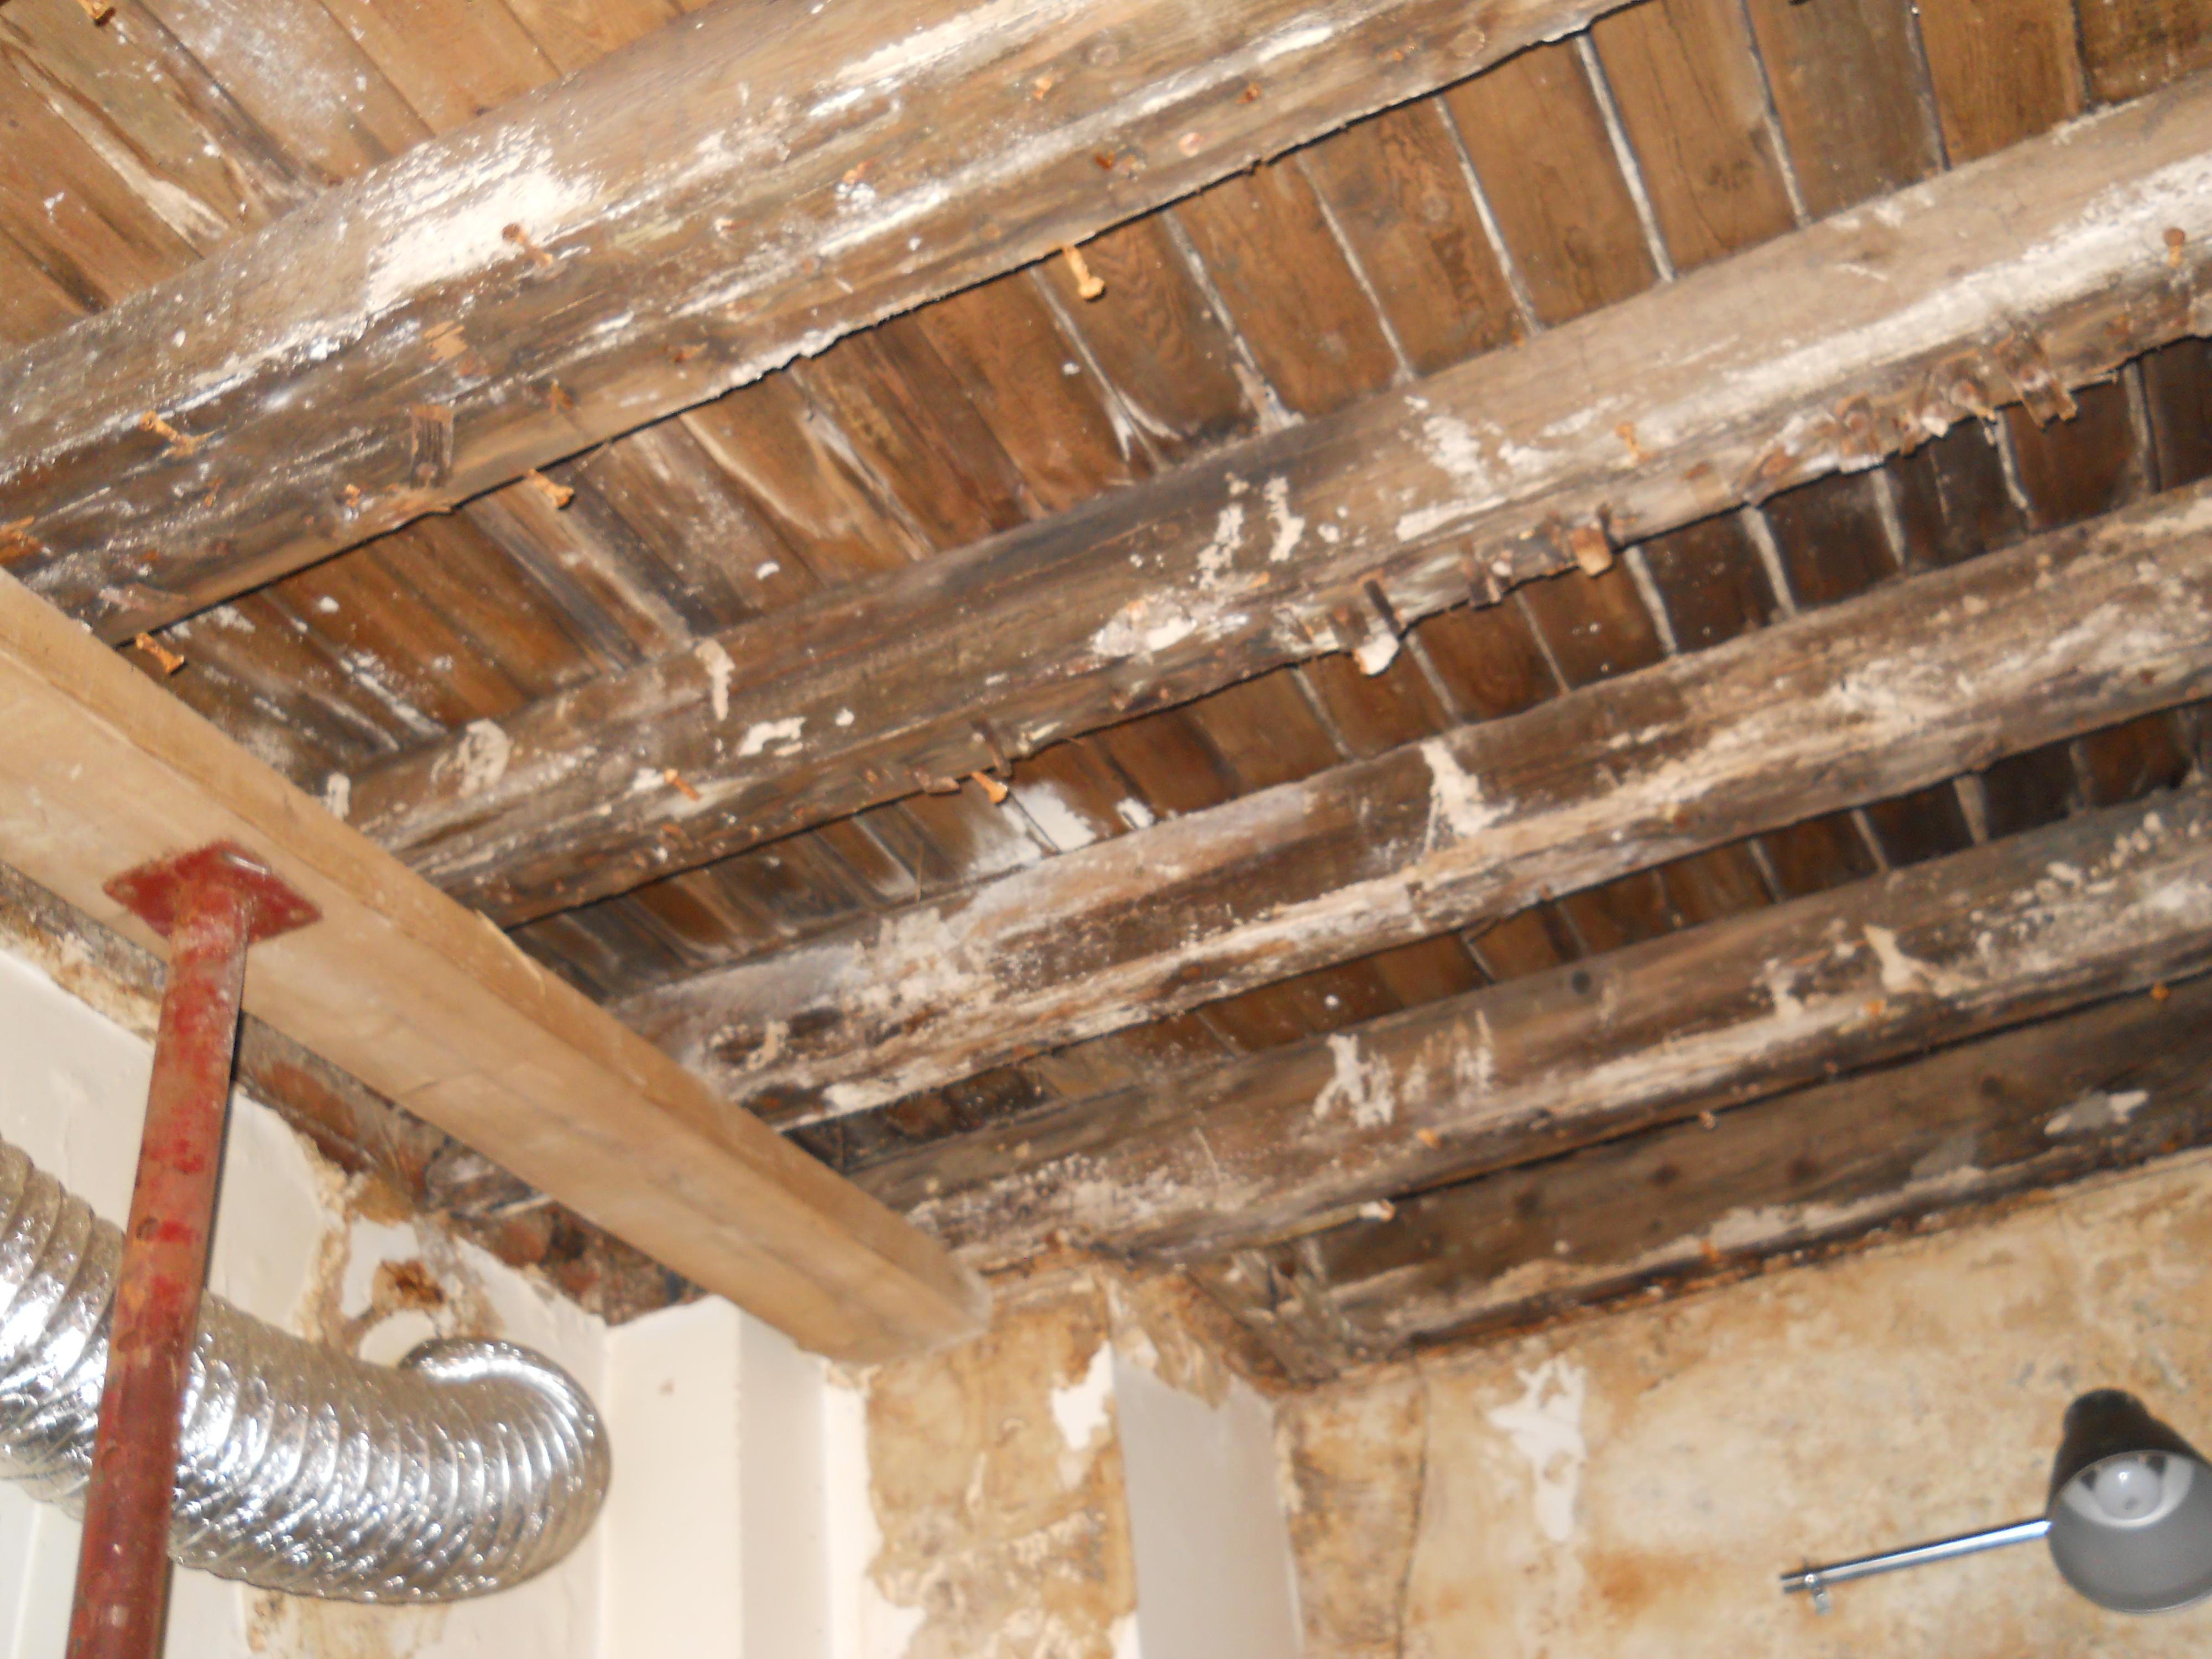 L'étanchéité d'une salle de bain sur un plancher bois est obligatoire